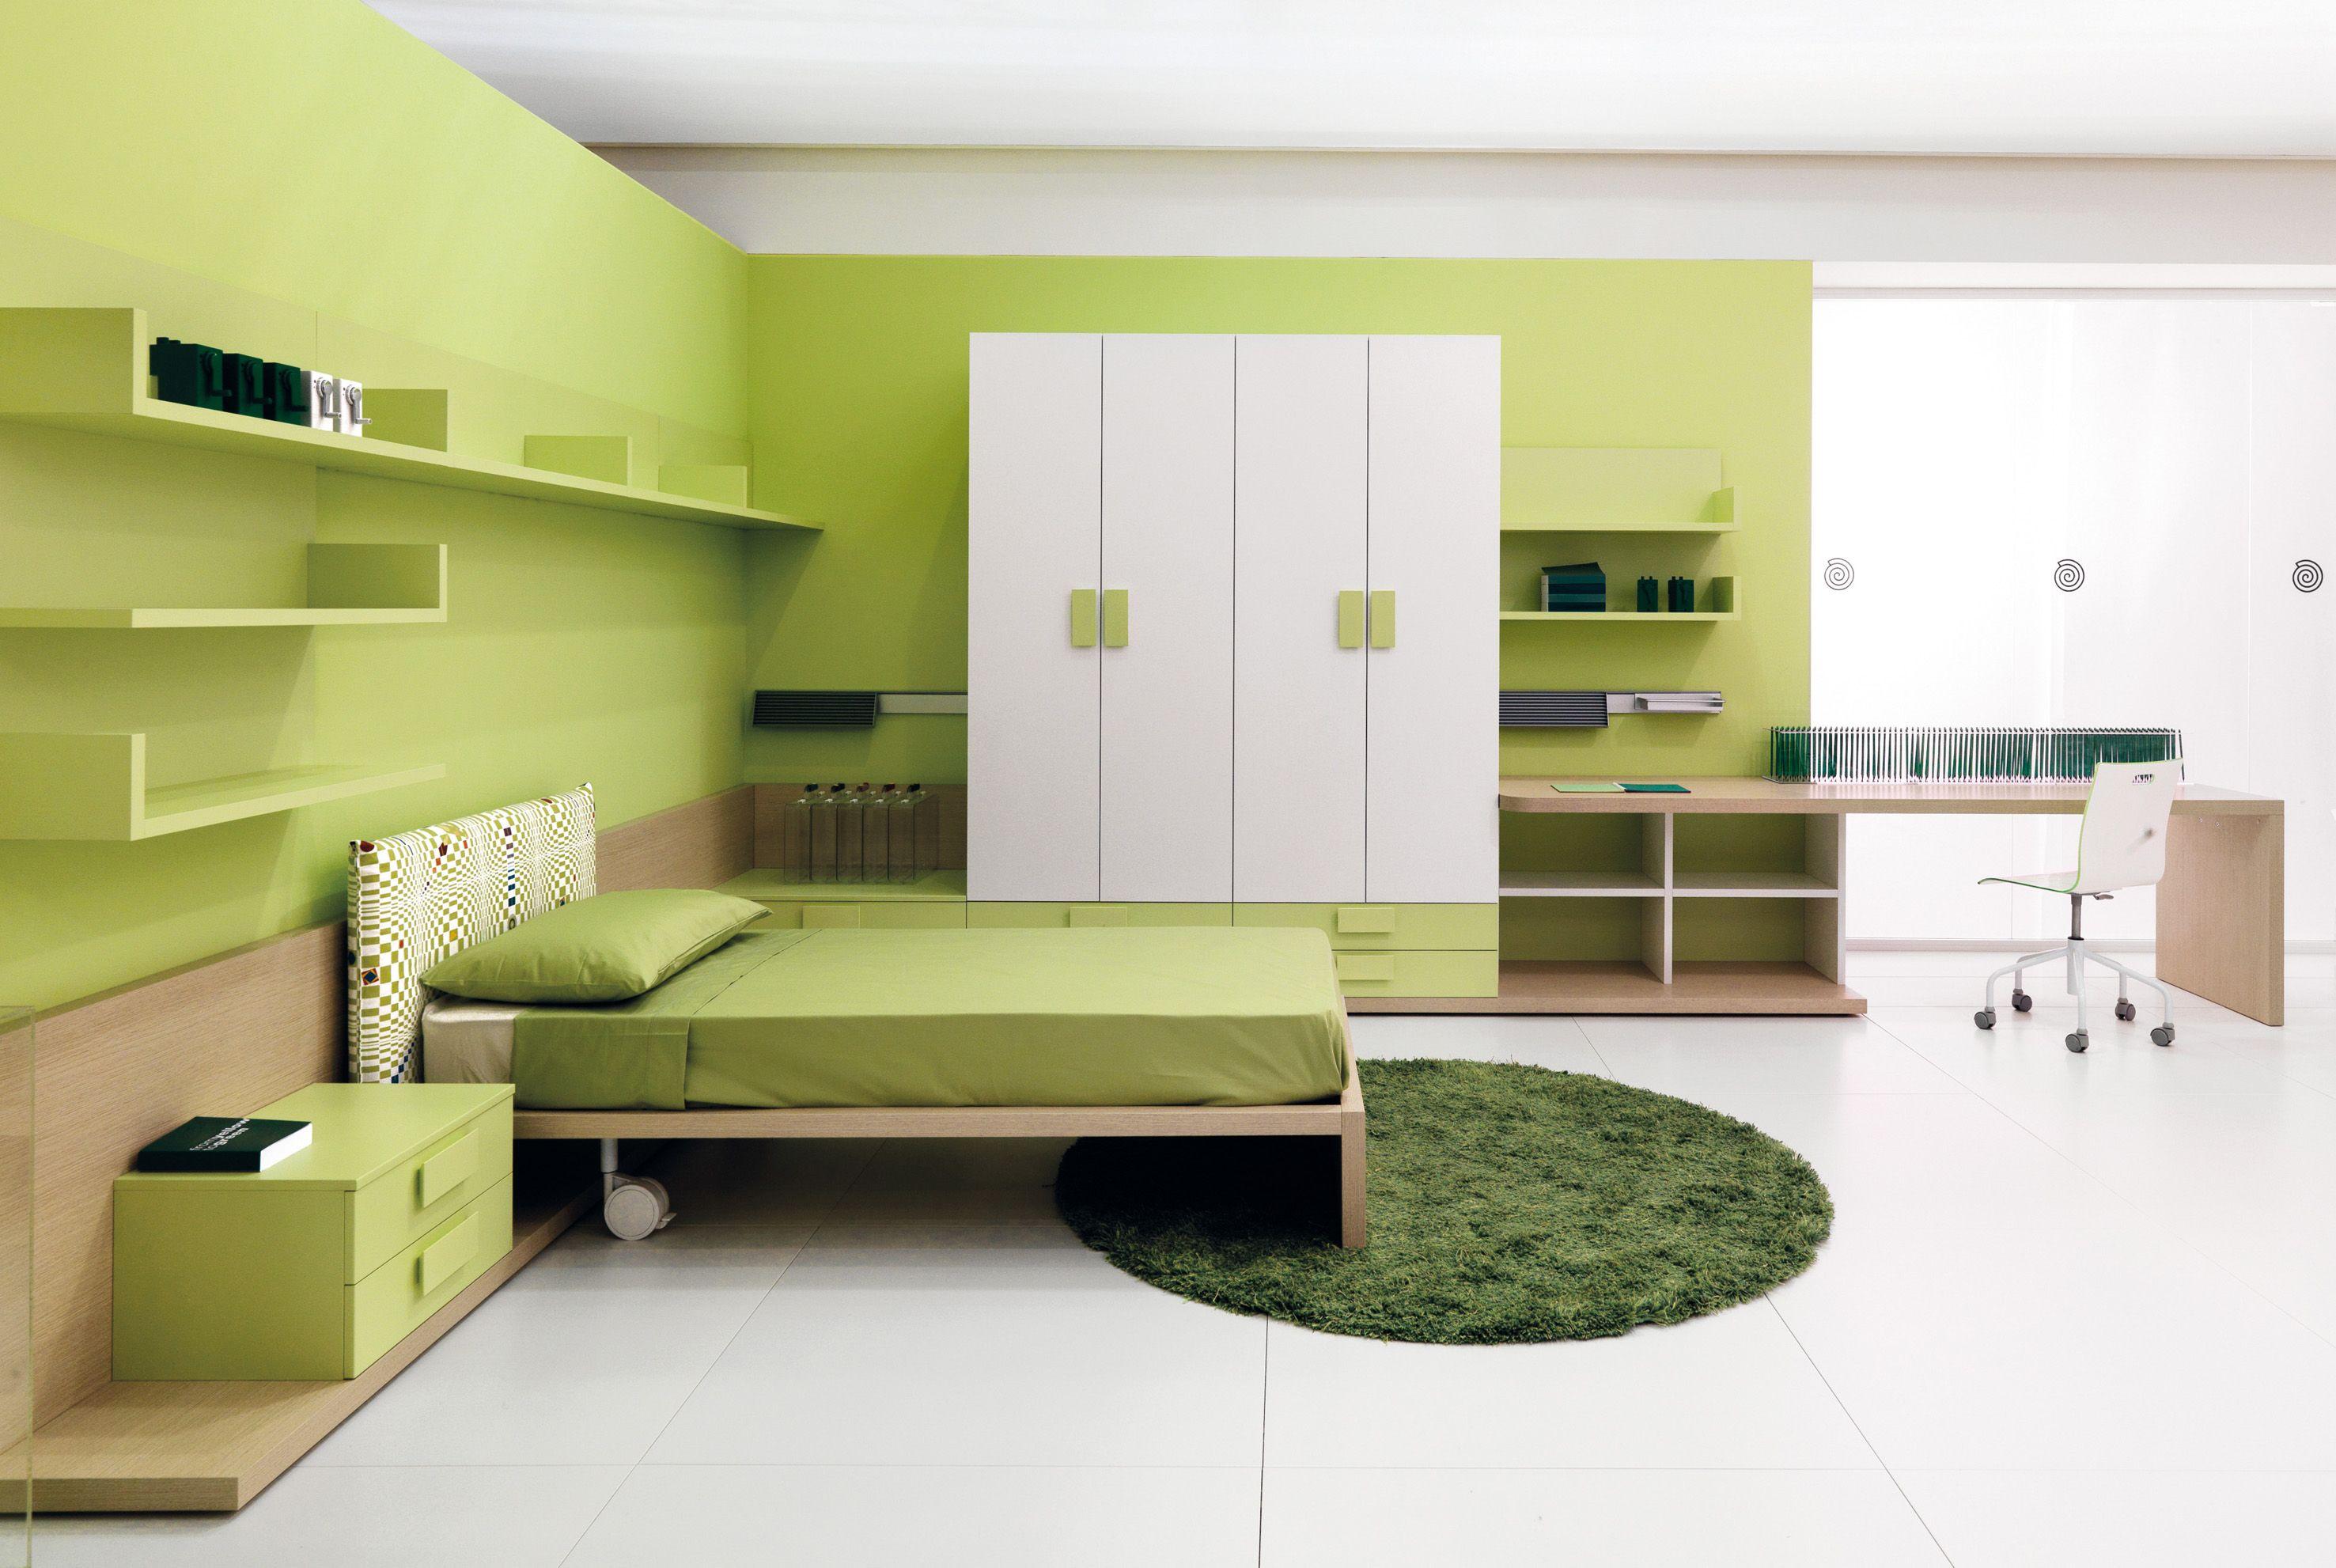 bedrooms pin bedroom teens by home light design teen interior designs zalf green